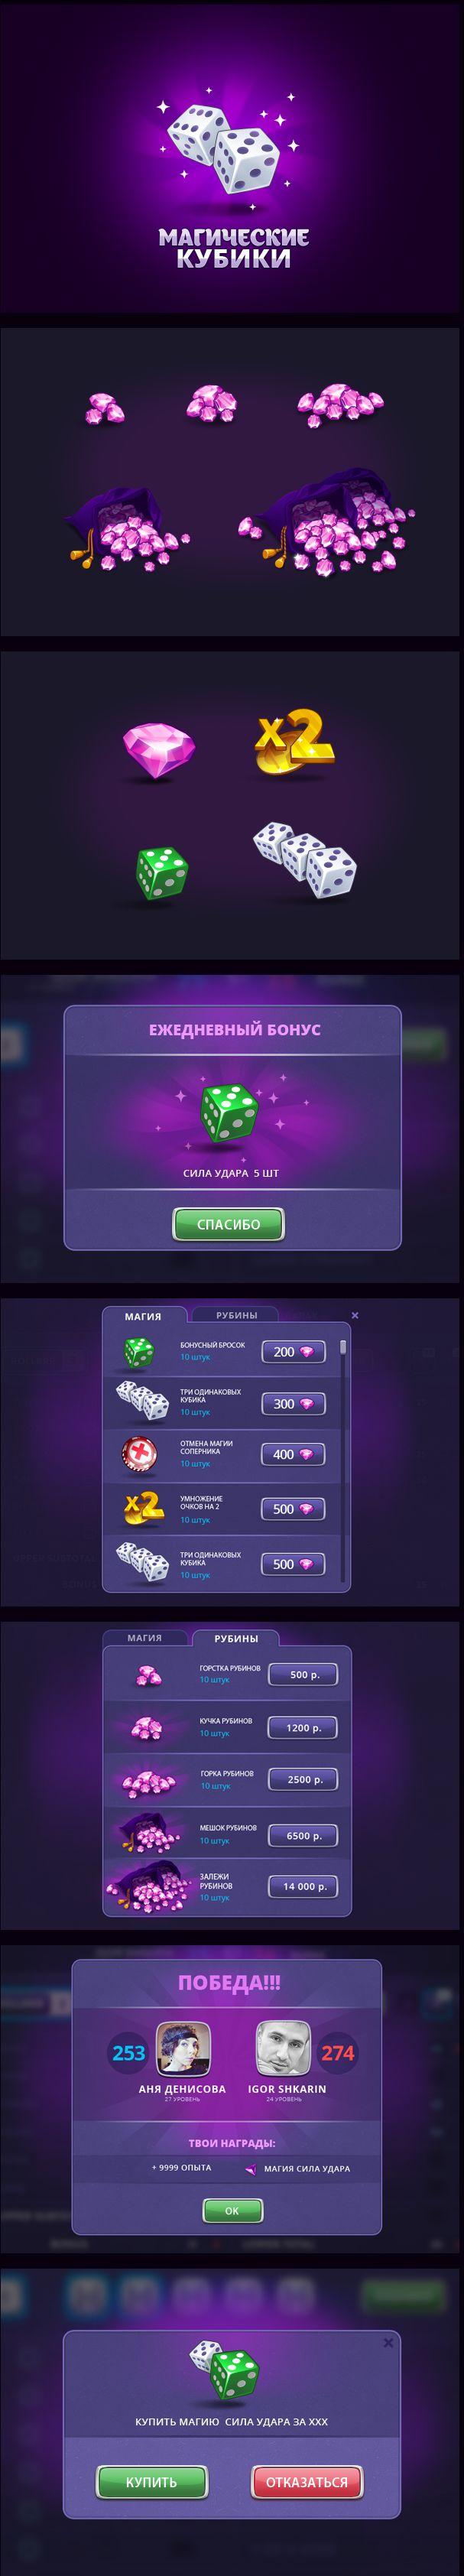 用户界面上Behance游戏骰子法宝